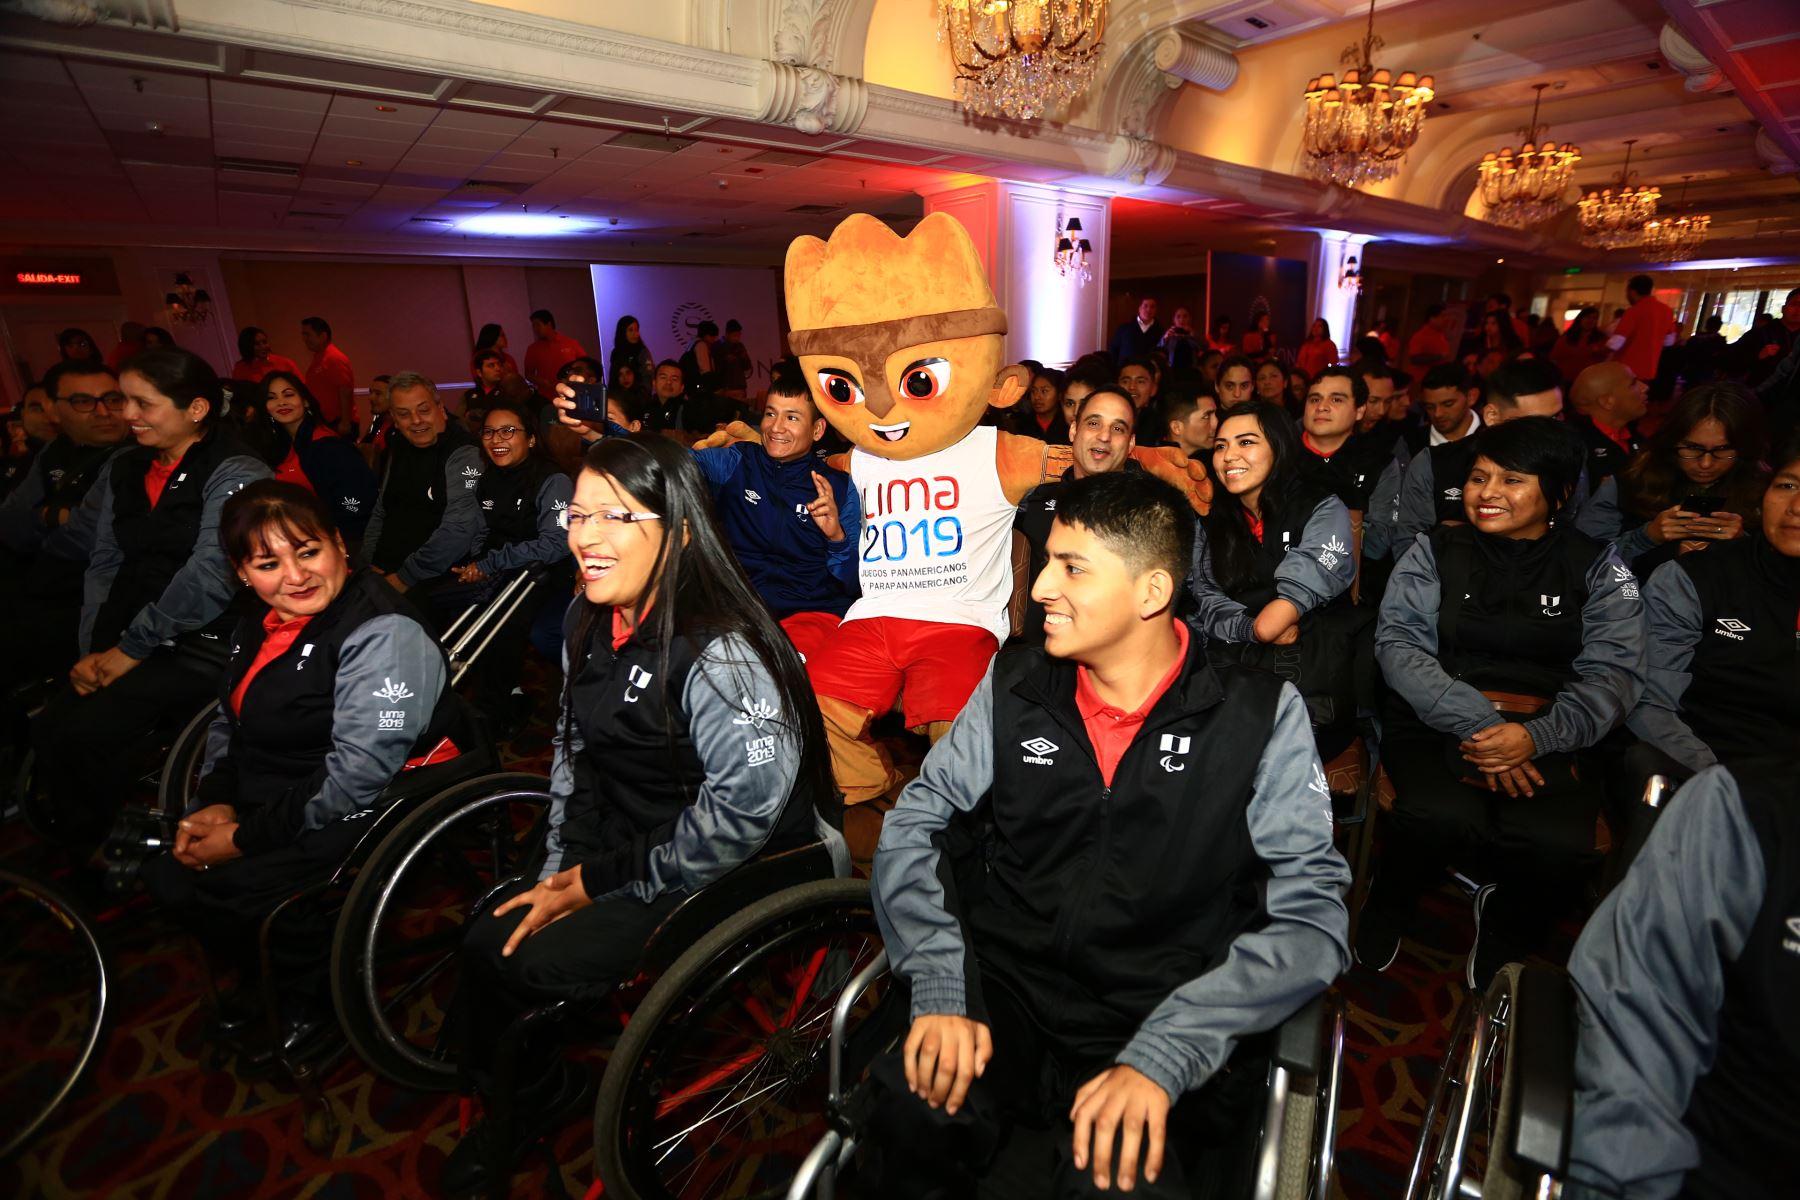 Ceremonia de la presentación oficial de la delegación peruana para los Juegos Parapanamericanos Lima 2019.Foto:ANDINA/ Pedro Cardenas